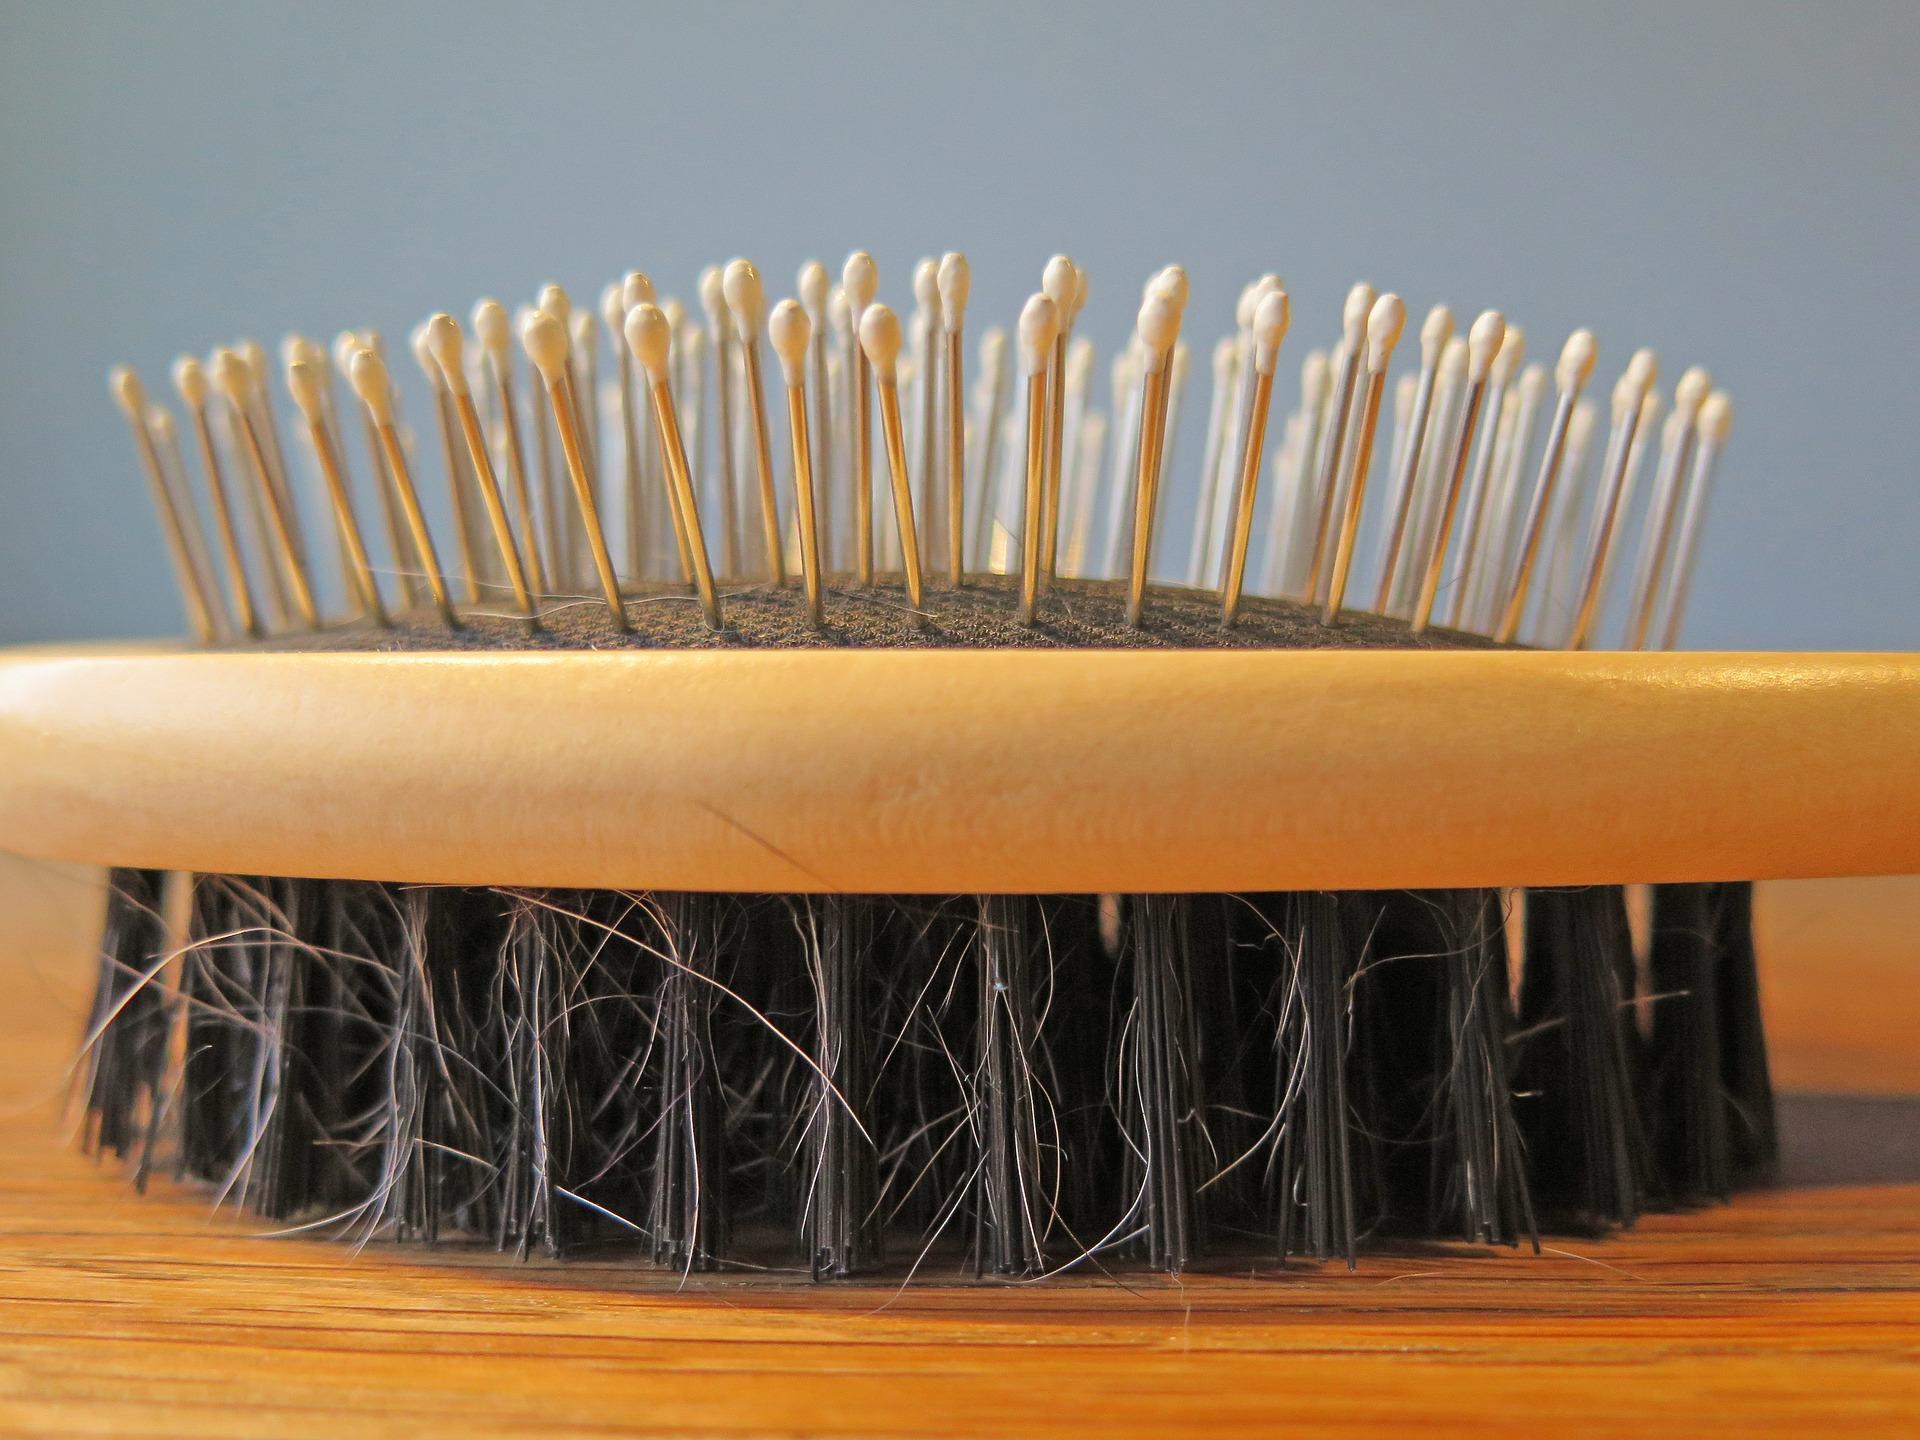 Haarbürste in Nahaufnahme. Haarband für Locken, Haargummi, Lockenkamm